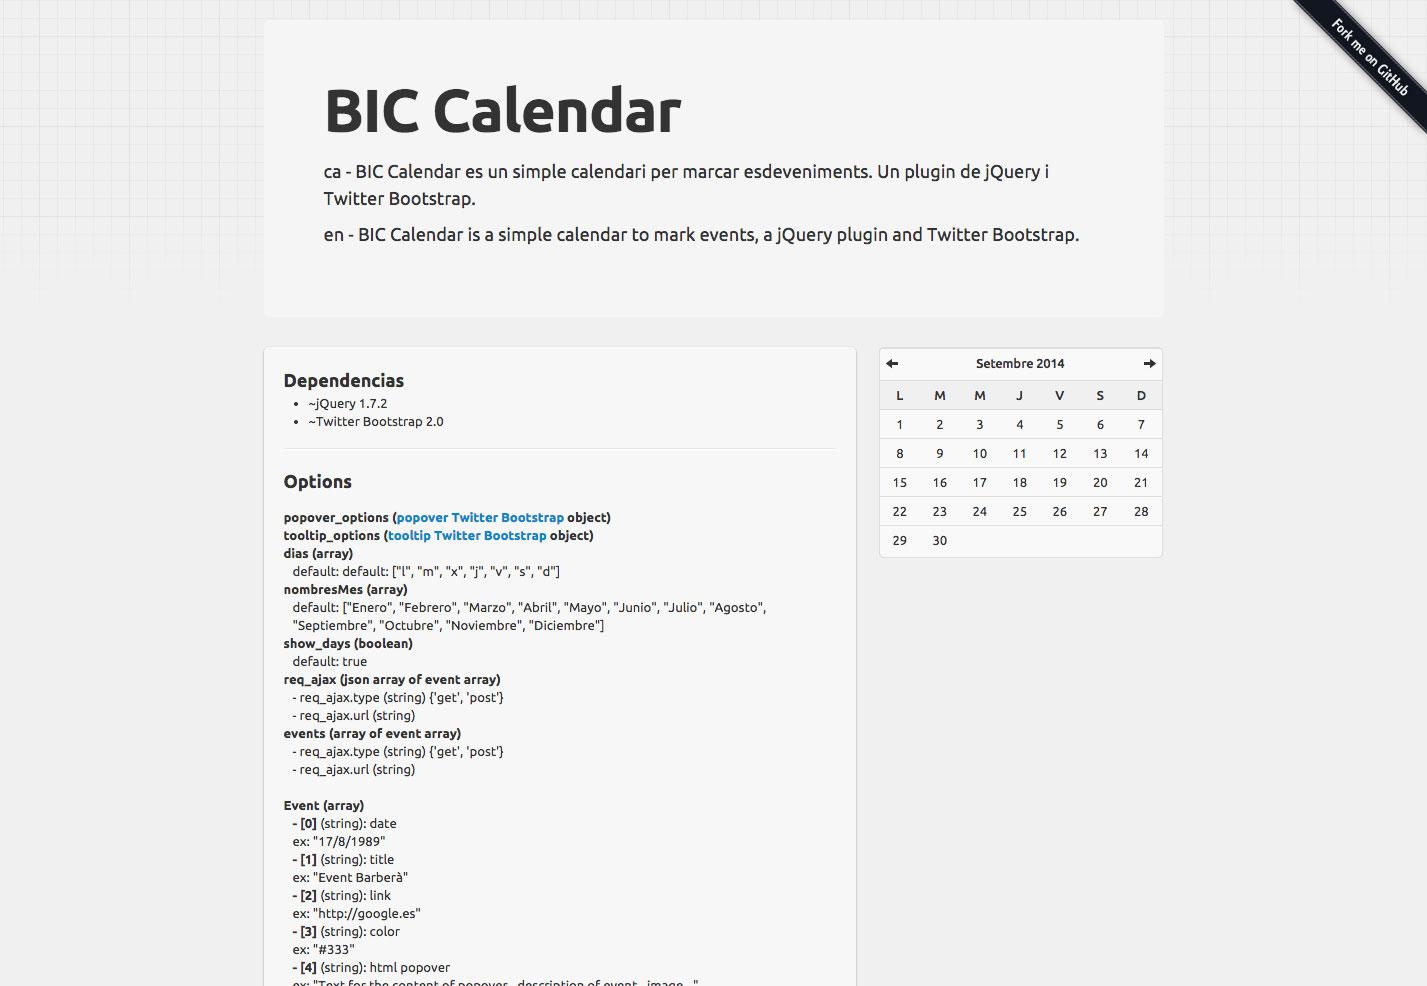 calendario bic